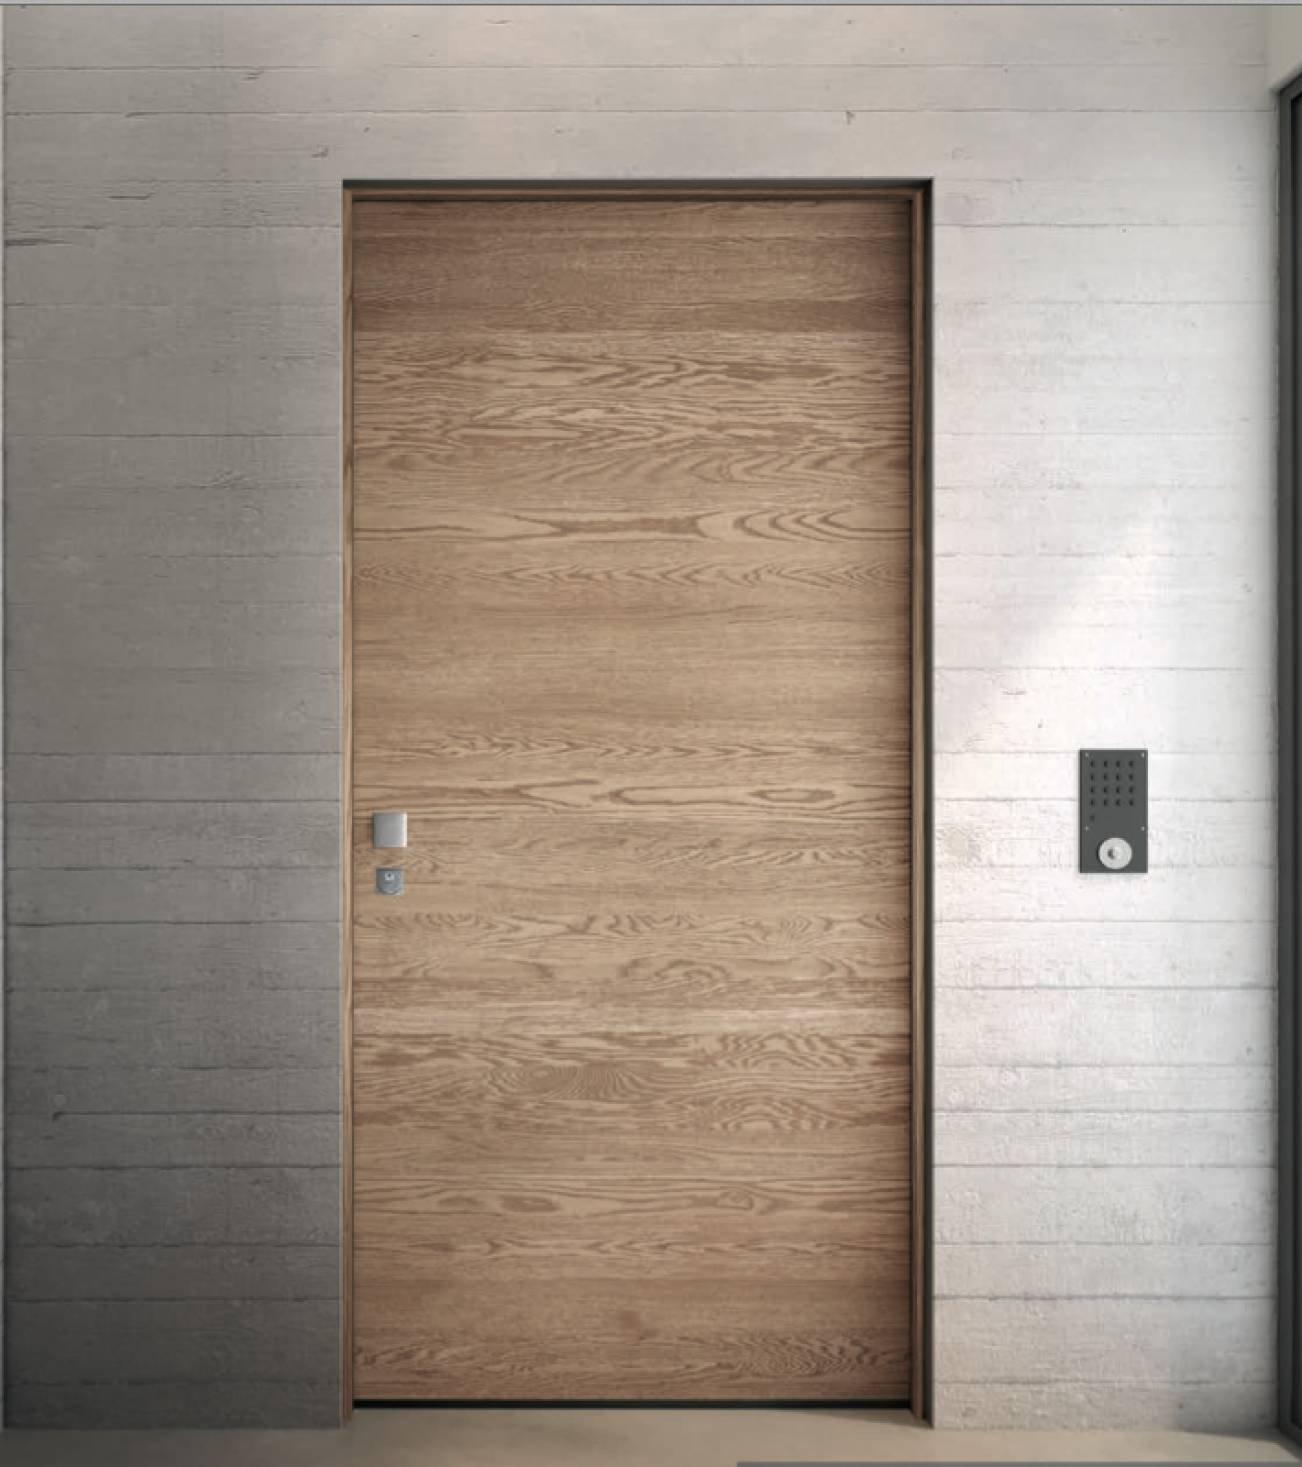 Sostituire Pannello Porta Blindata porta di ingresso: guida all'acquisto: norme, come scegliere